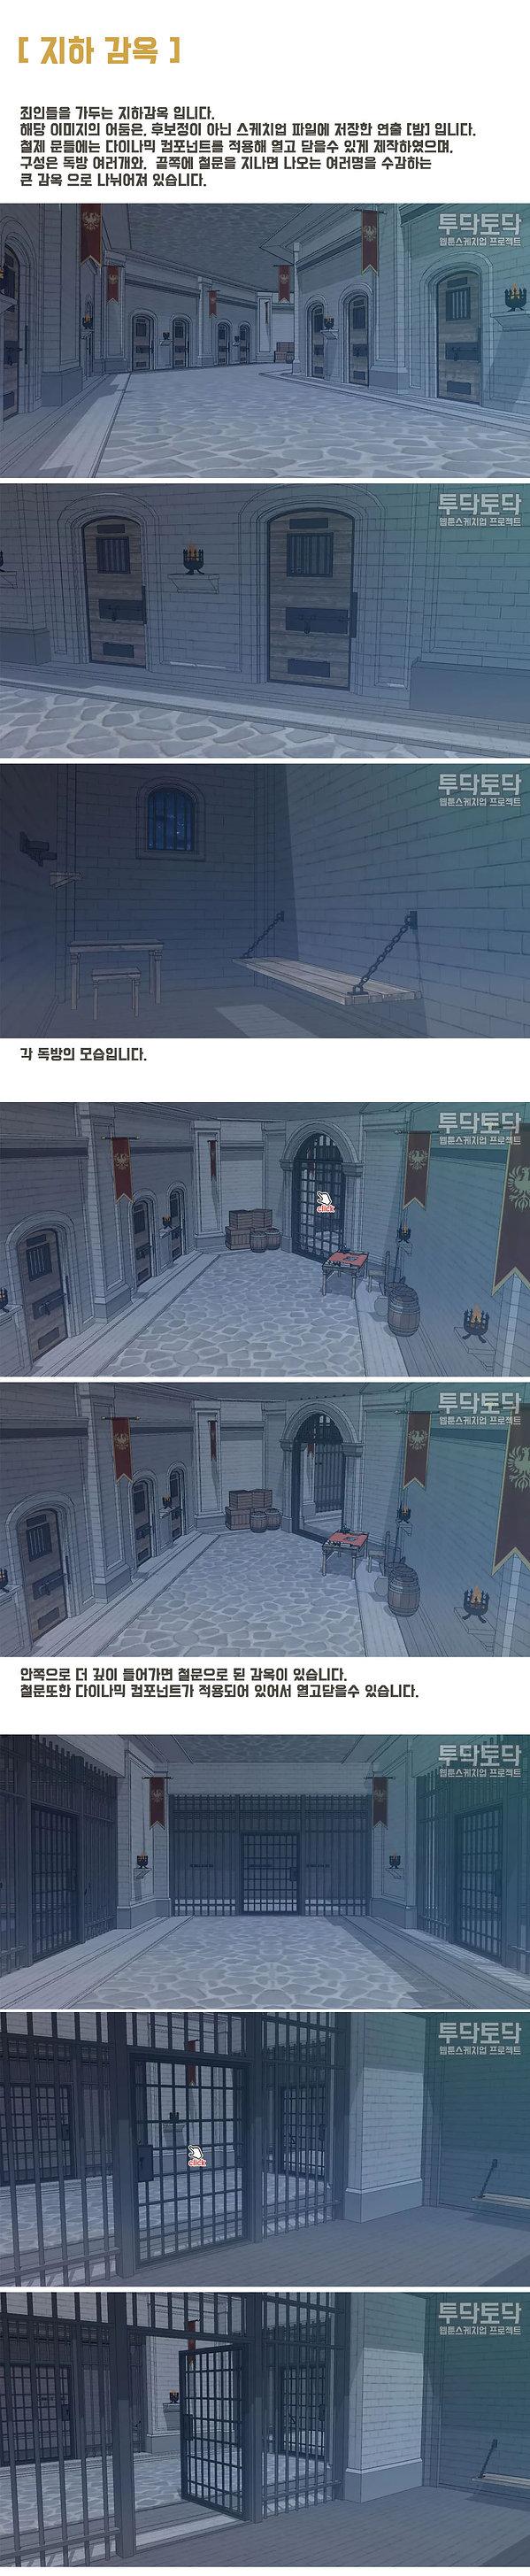 감옥과 고문실_01.jpg